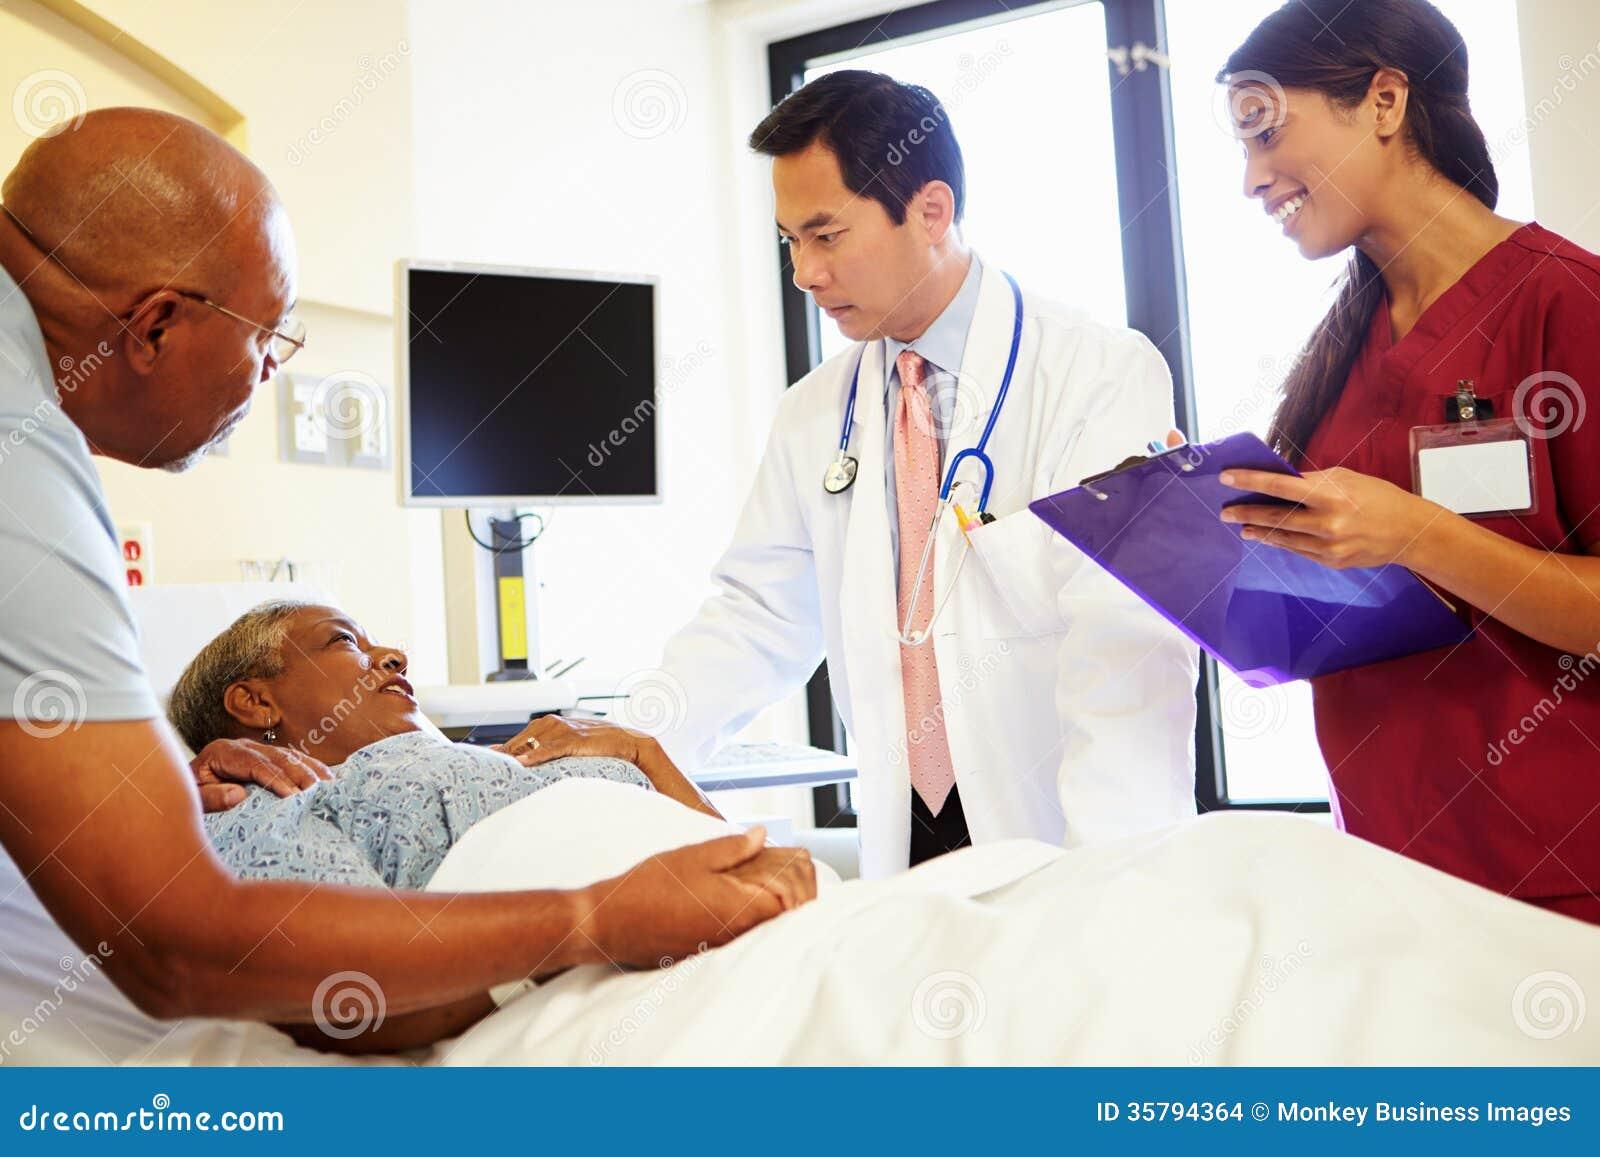 Medizinischer Team Meeting With Senior Couple im Krankenhauszimmer